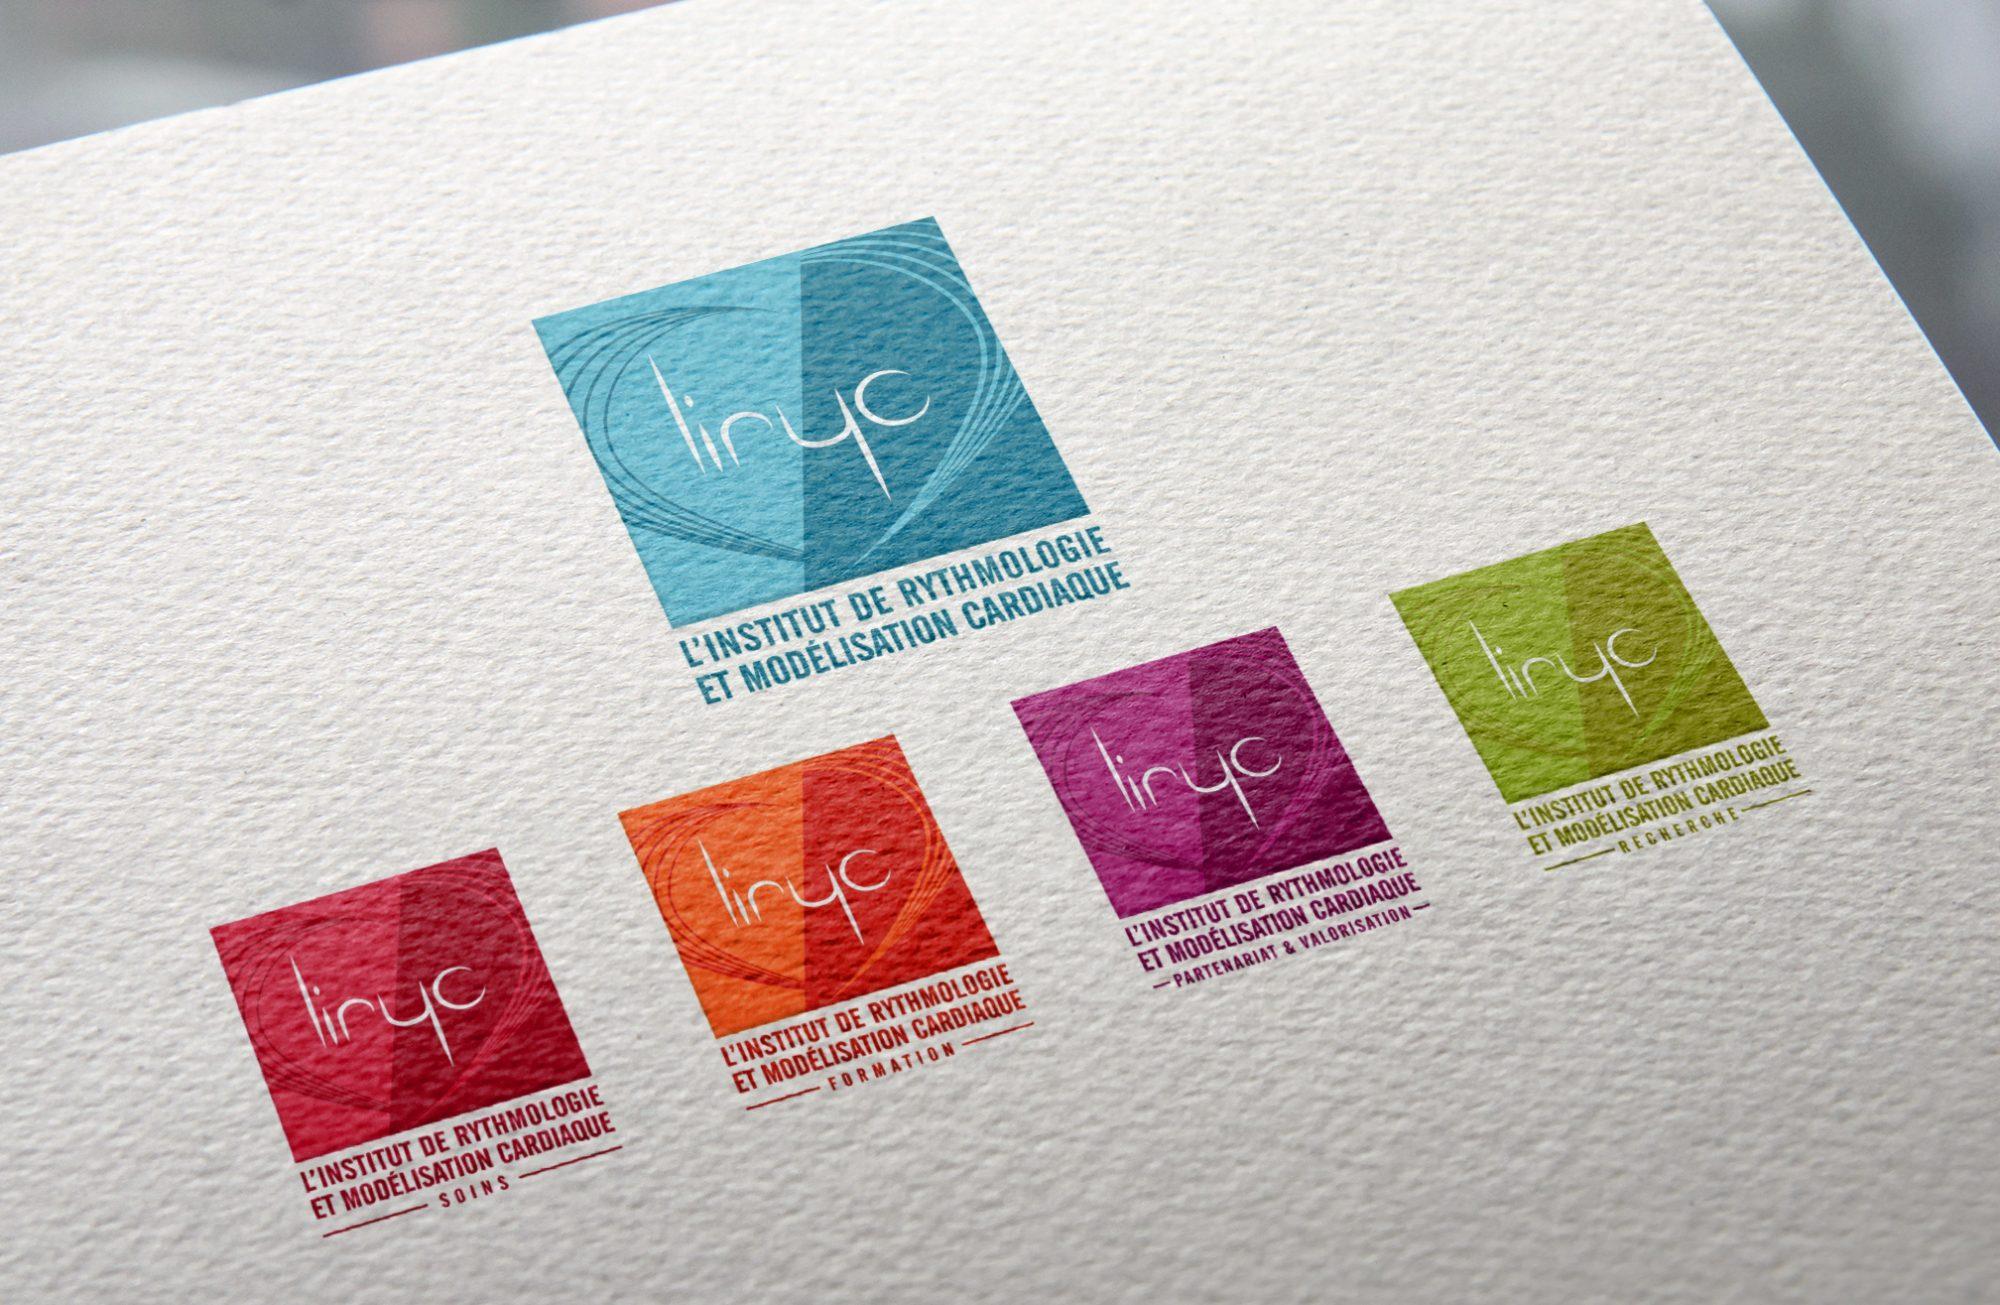 Liryc-logos-2000x1305